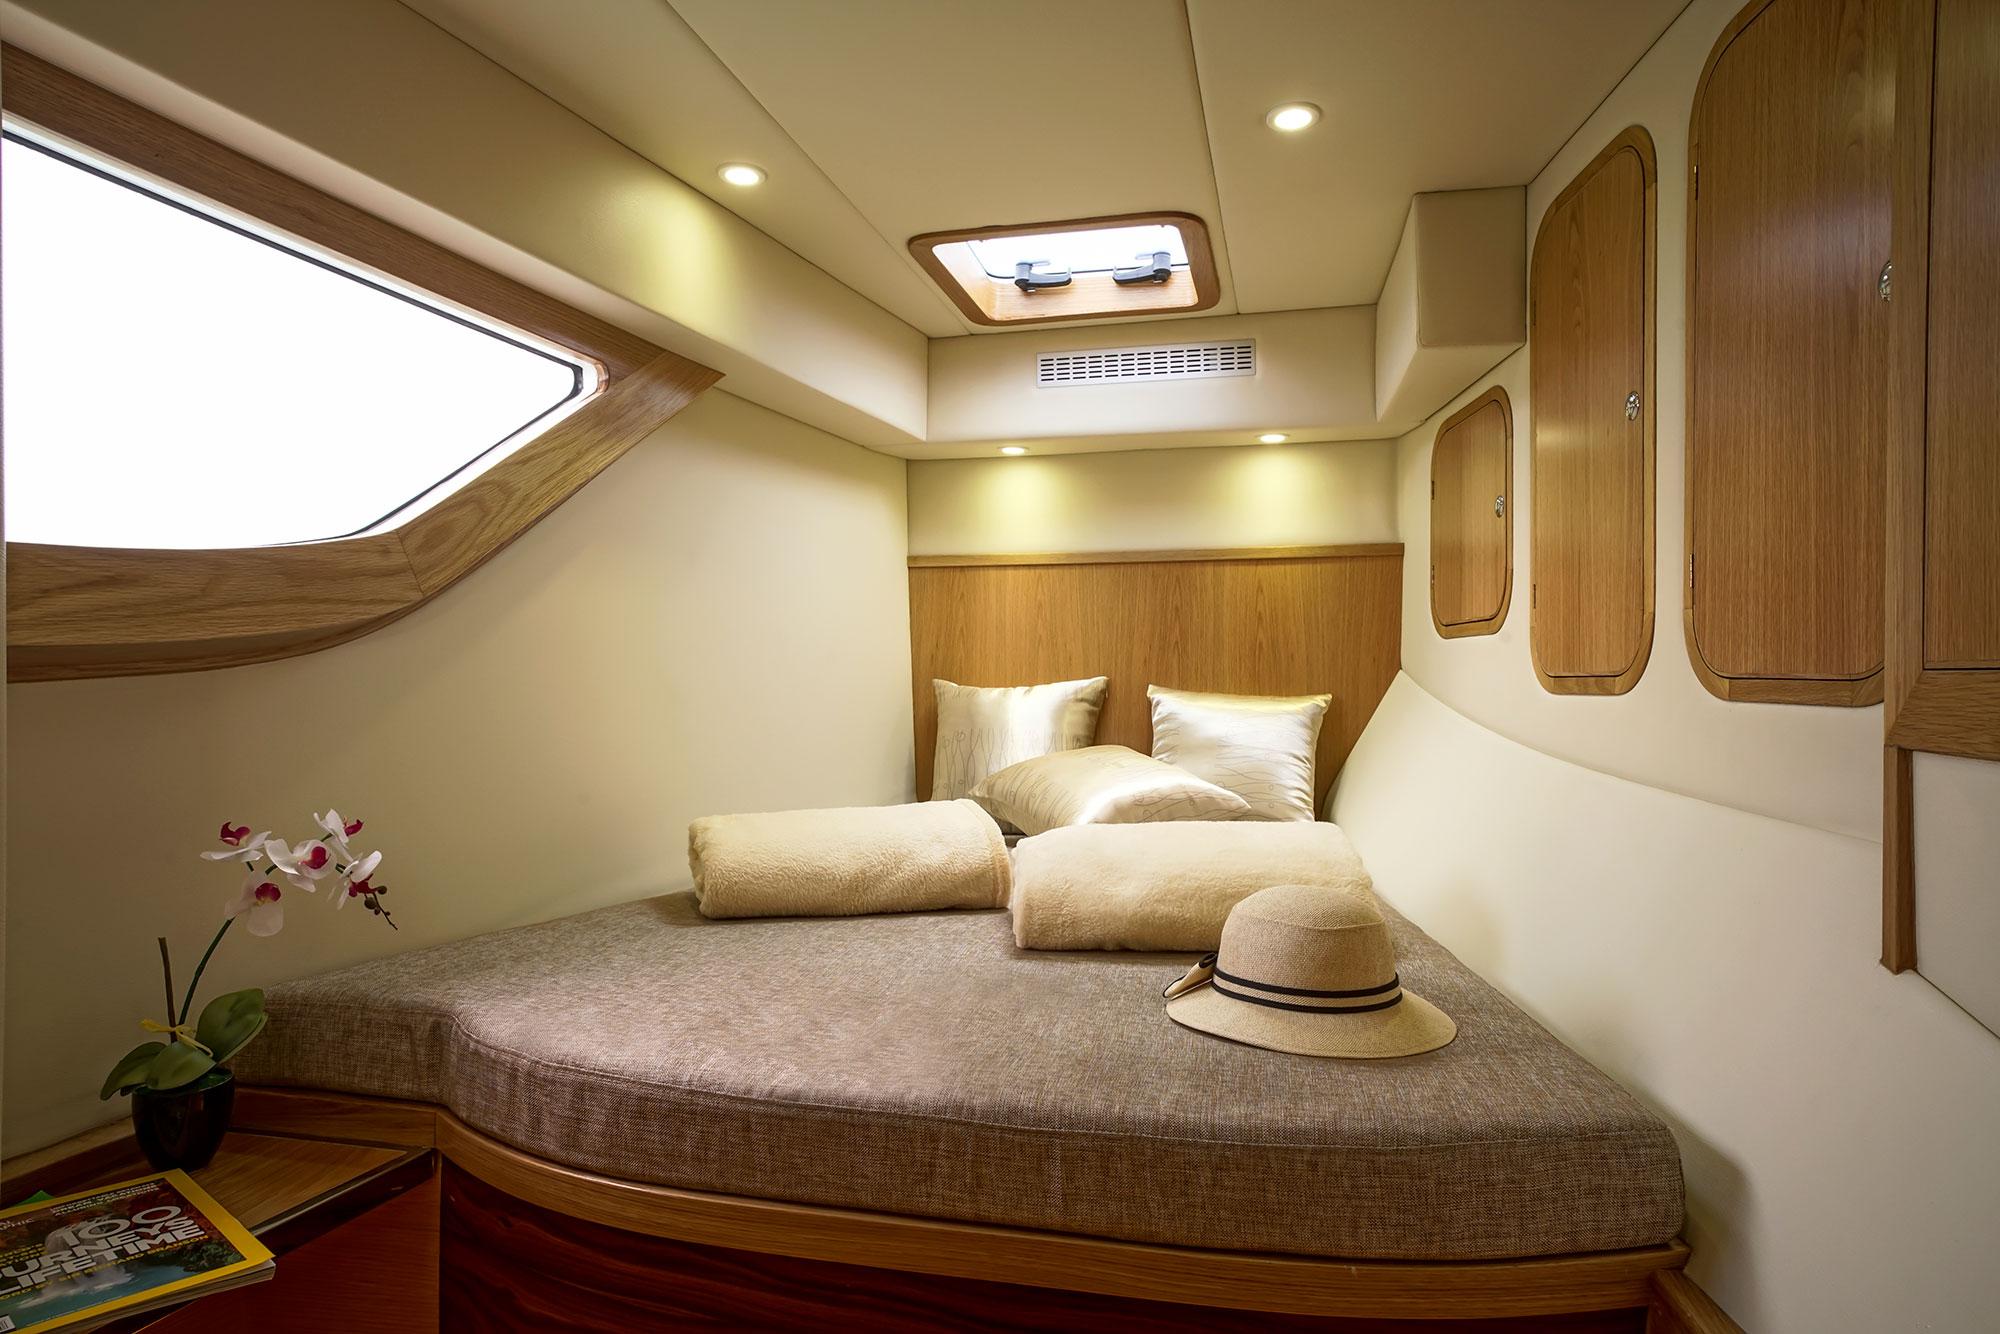 h48 cabin